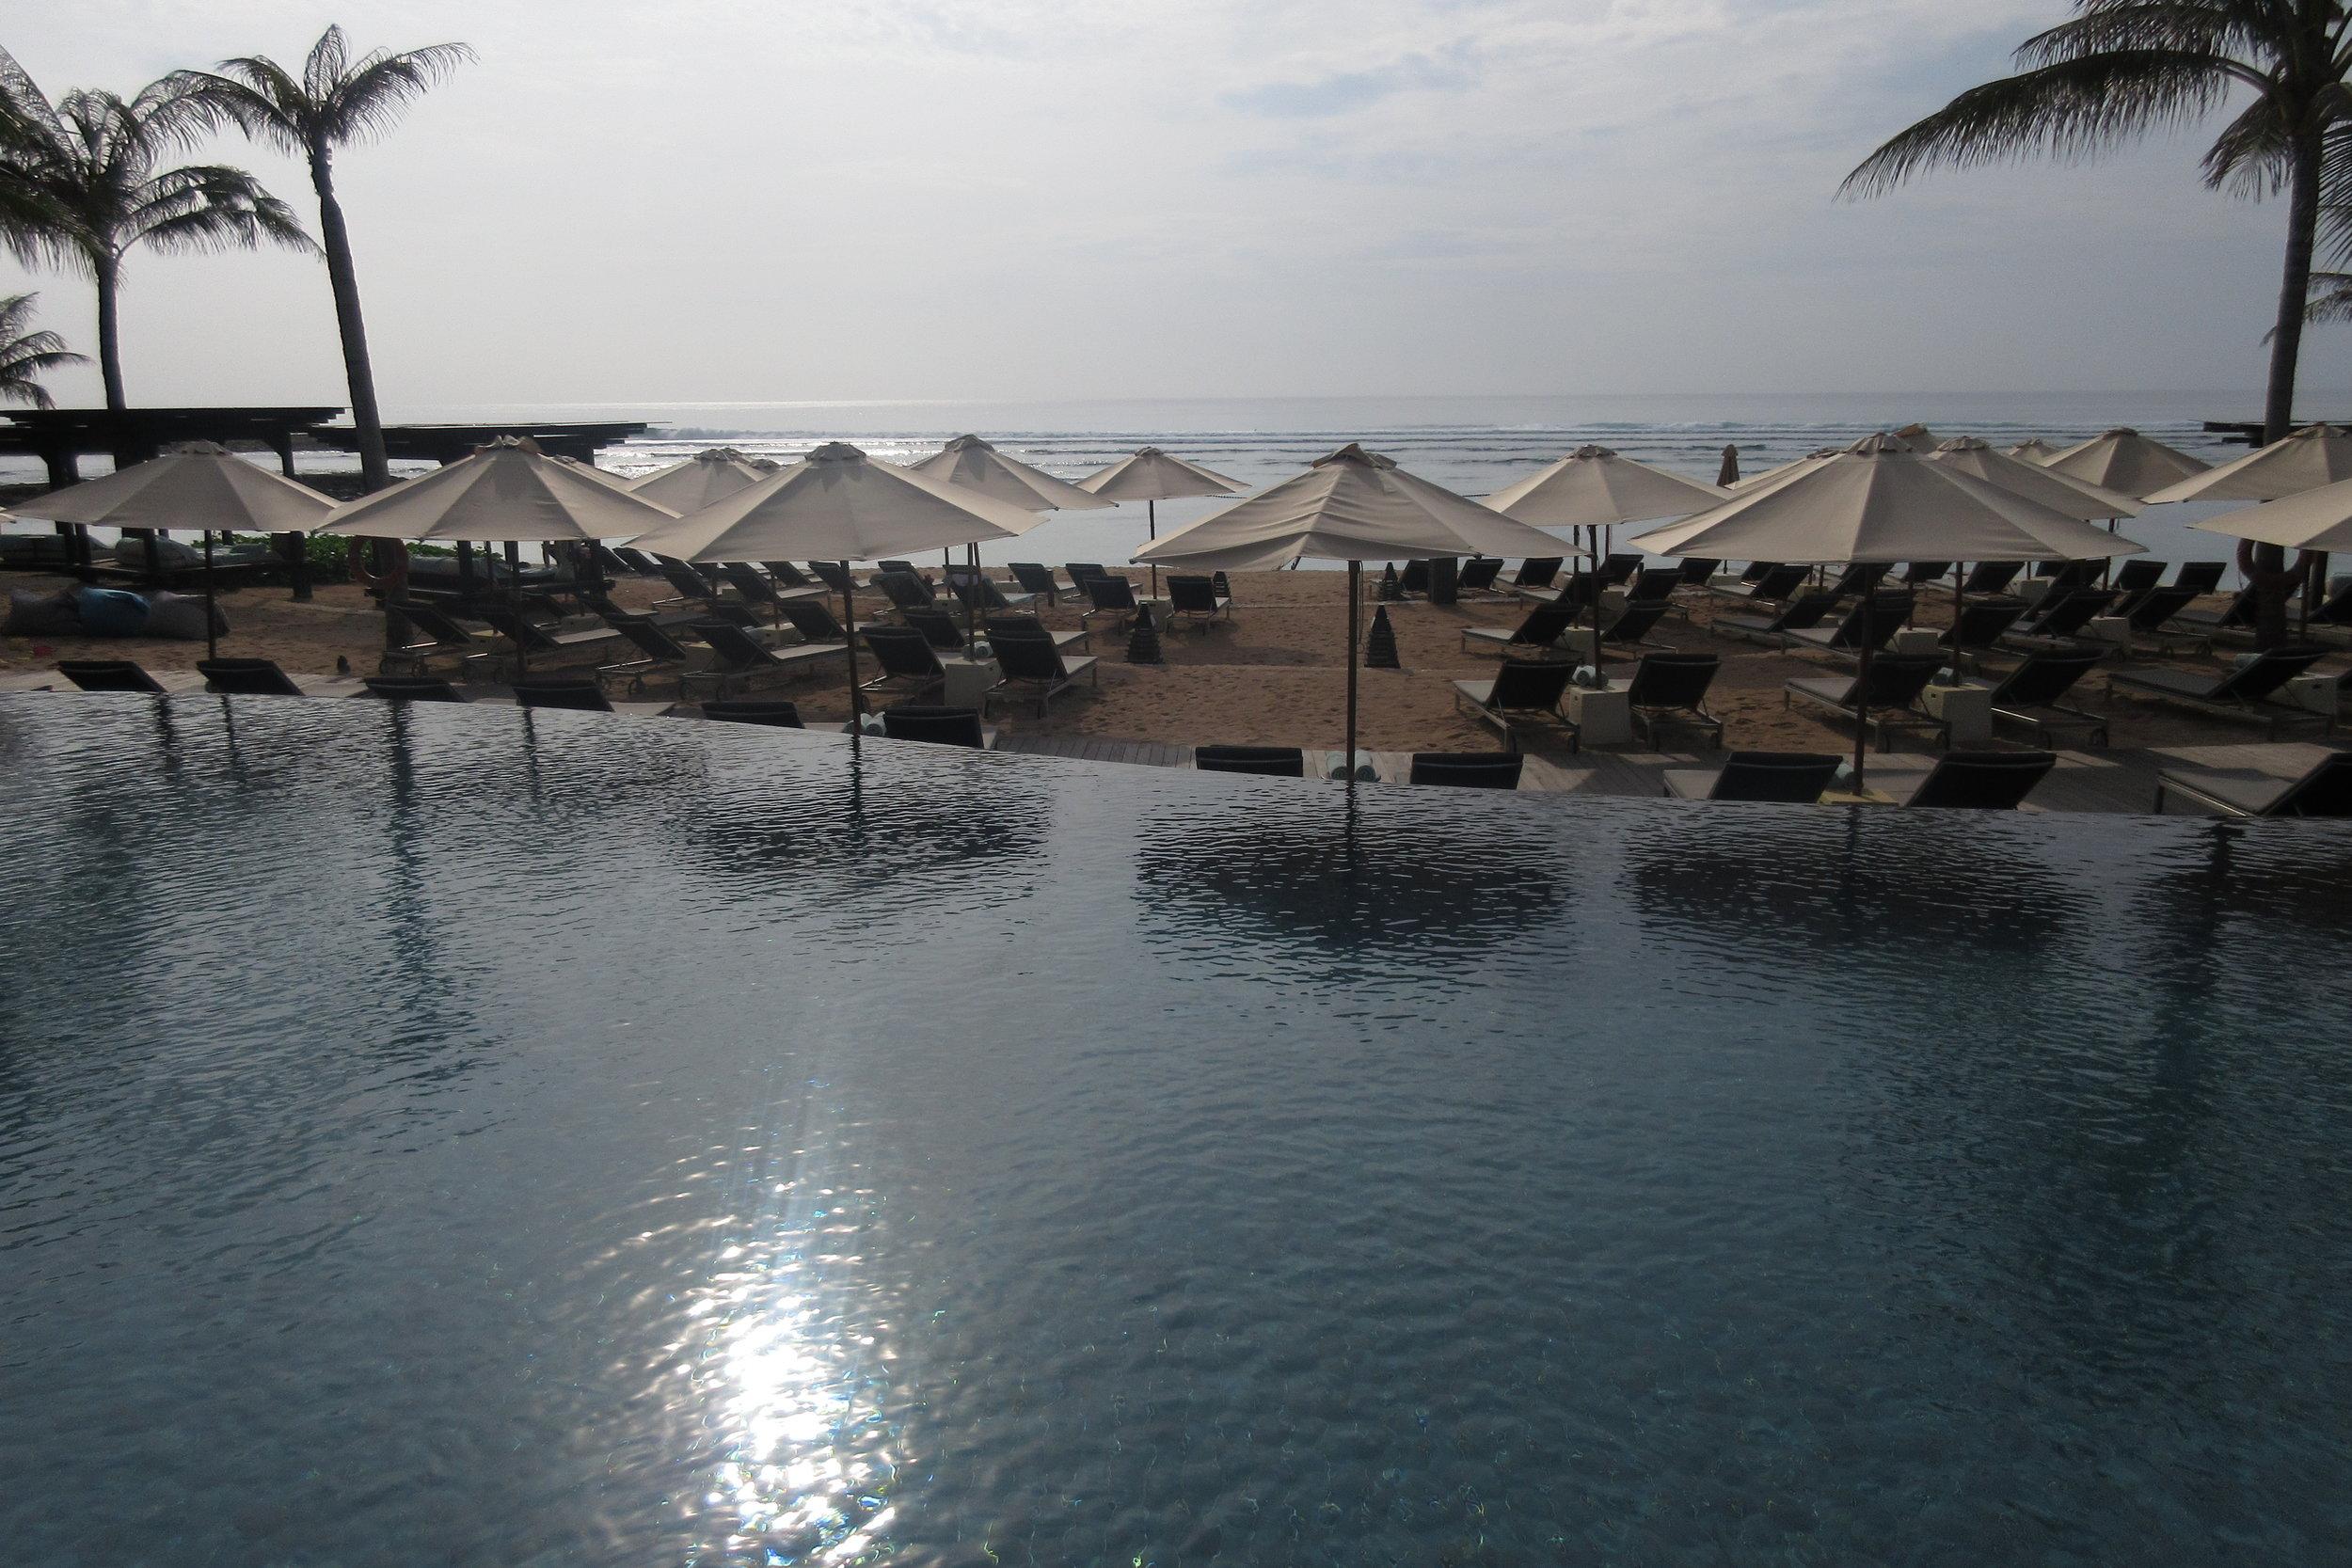 The Ritz-Carlton, Bali – Infinity pool #2